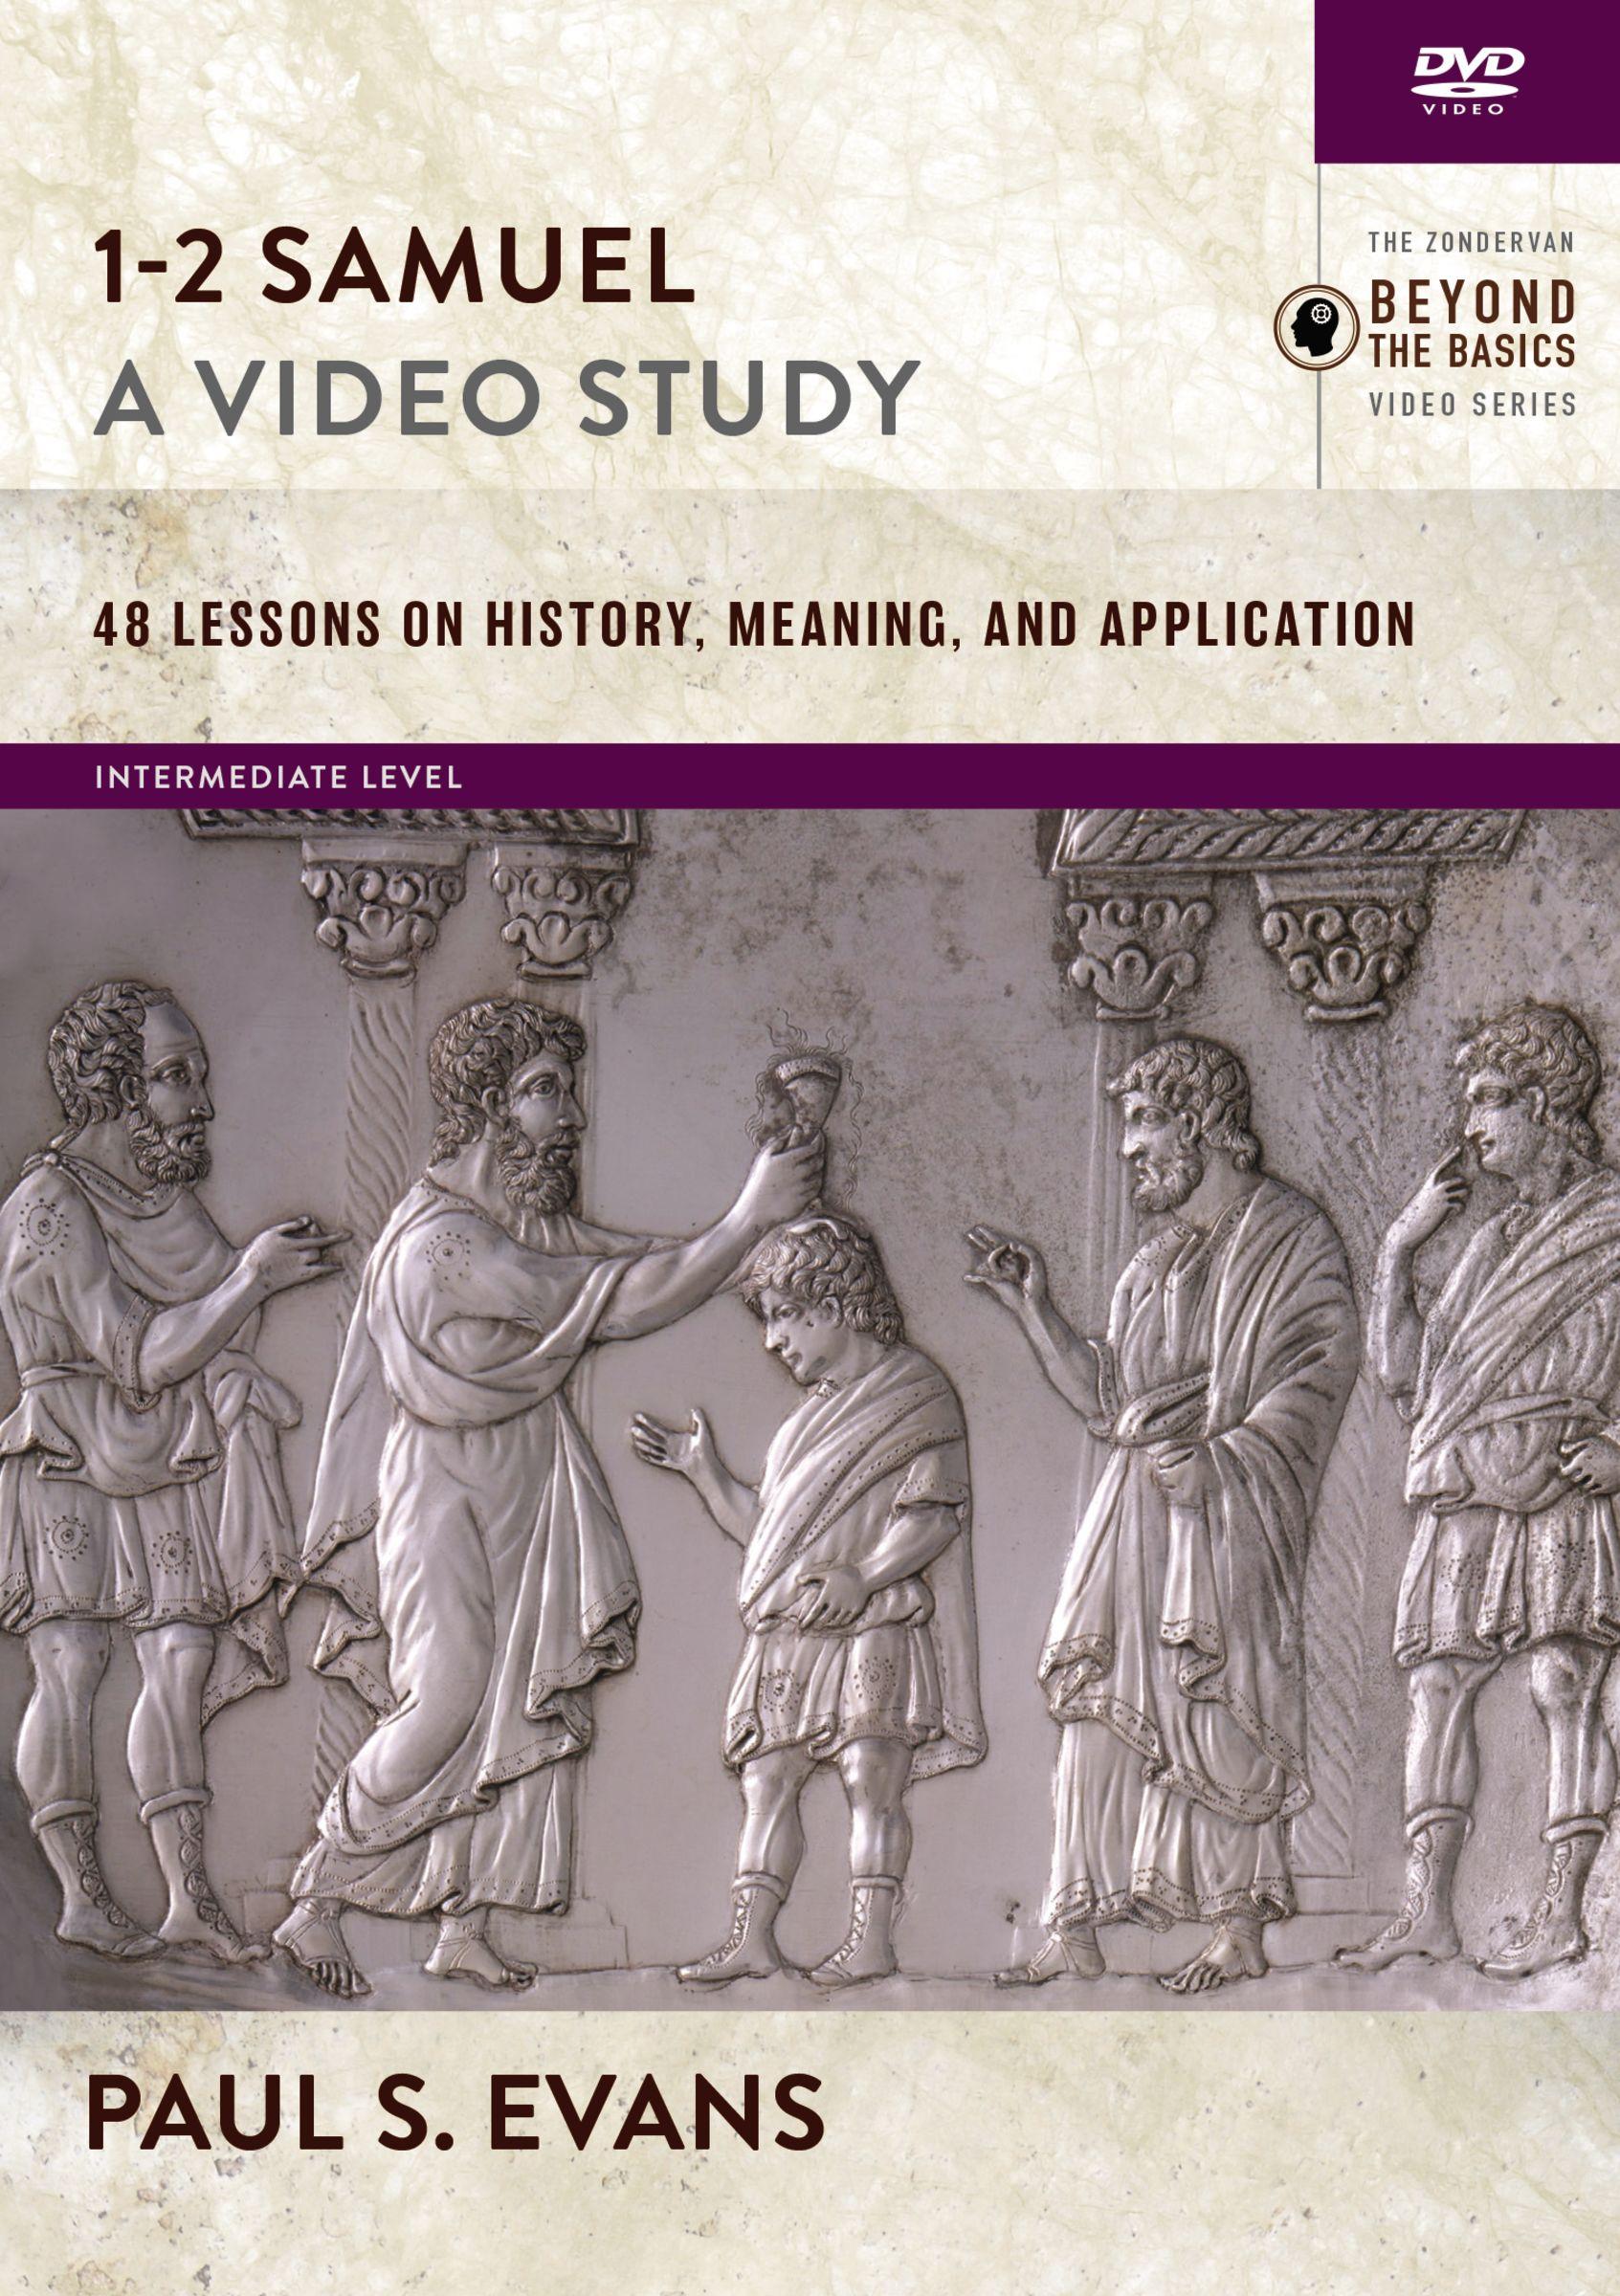 1-2 Samuel, A Video Study